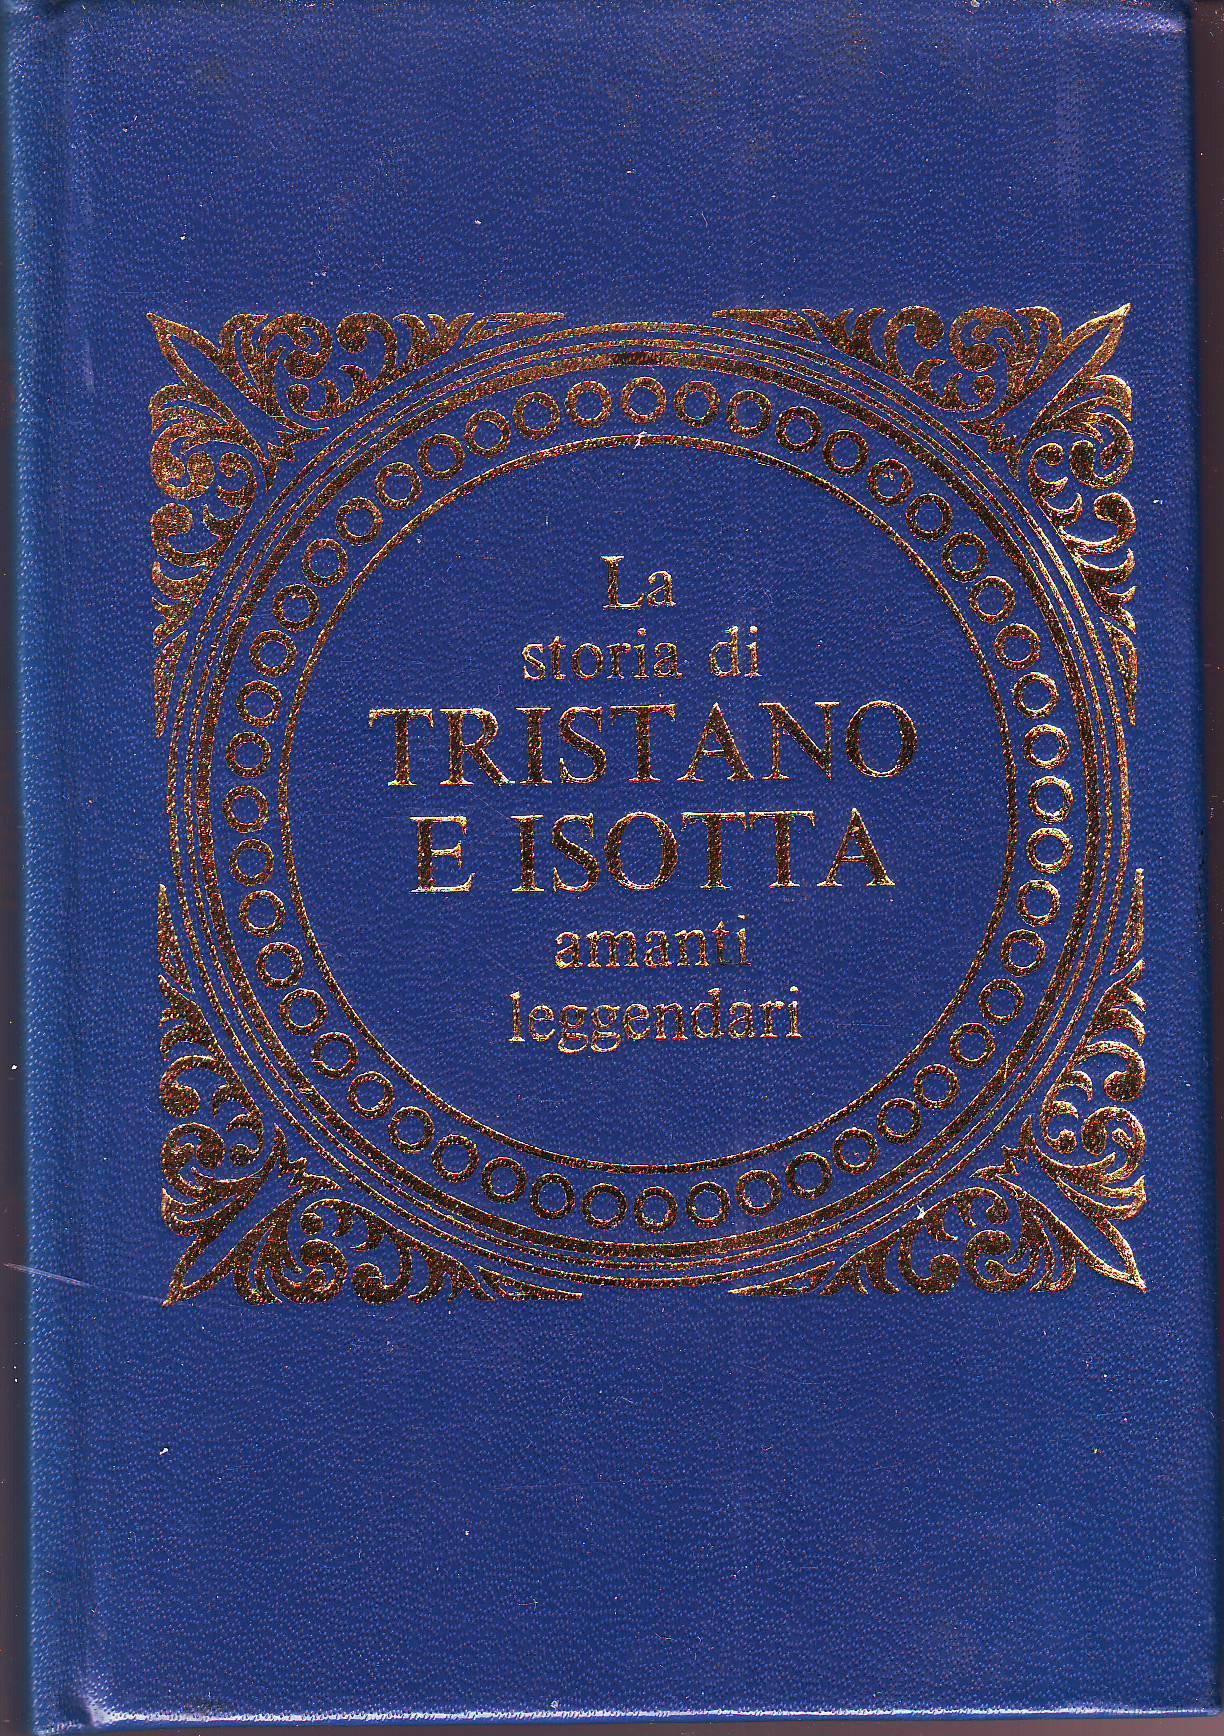 La storia di Tristano e Isotta amanti leggendari